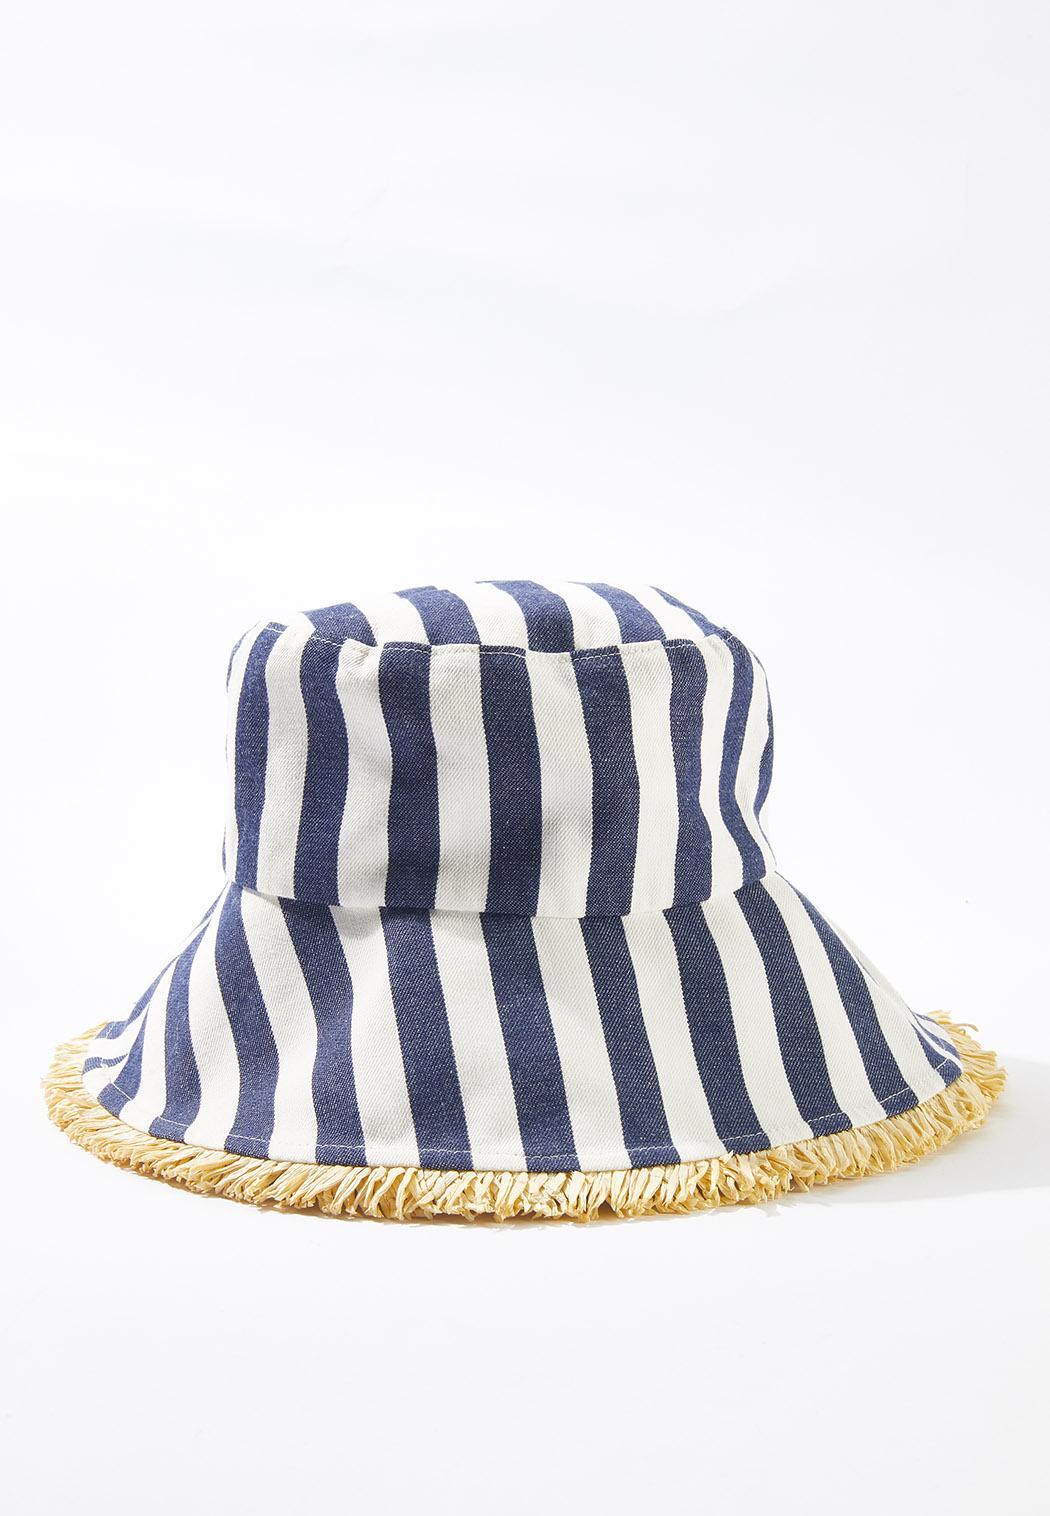 Straw Trim Bucket Hat